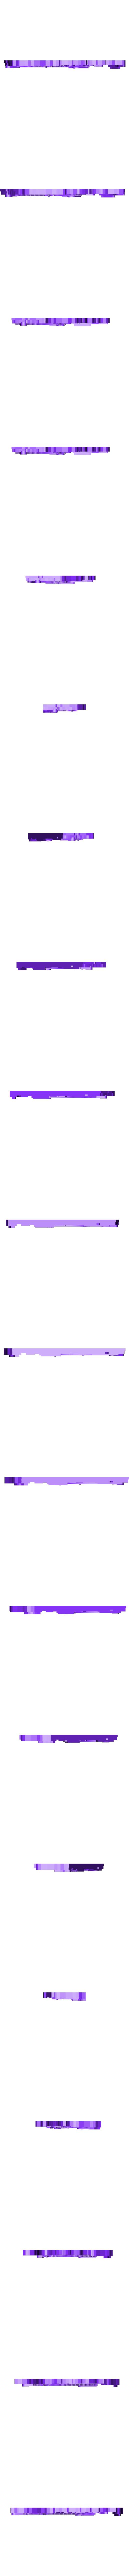 20120925D_Antikythera02.stl Télécharger fichier STL gratuit Mécanisme Antikythera • Objet pour imprimante 3D, Ghashgar